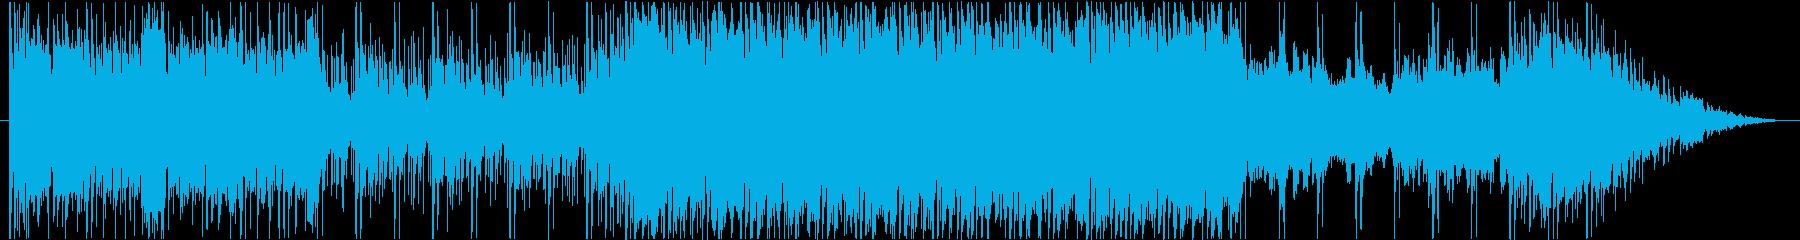 ゲームの戦闘曲のような楽曲です。の再生済みの波形